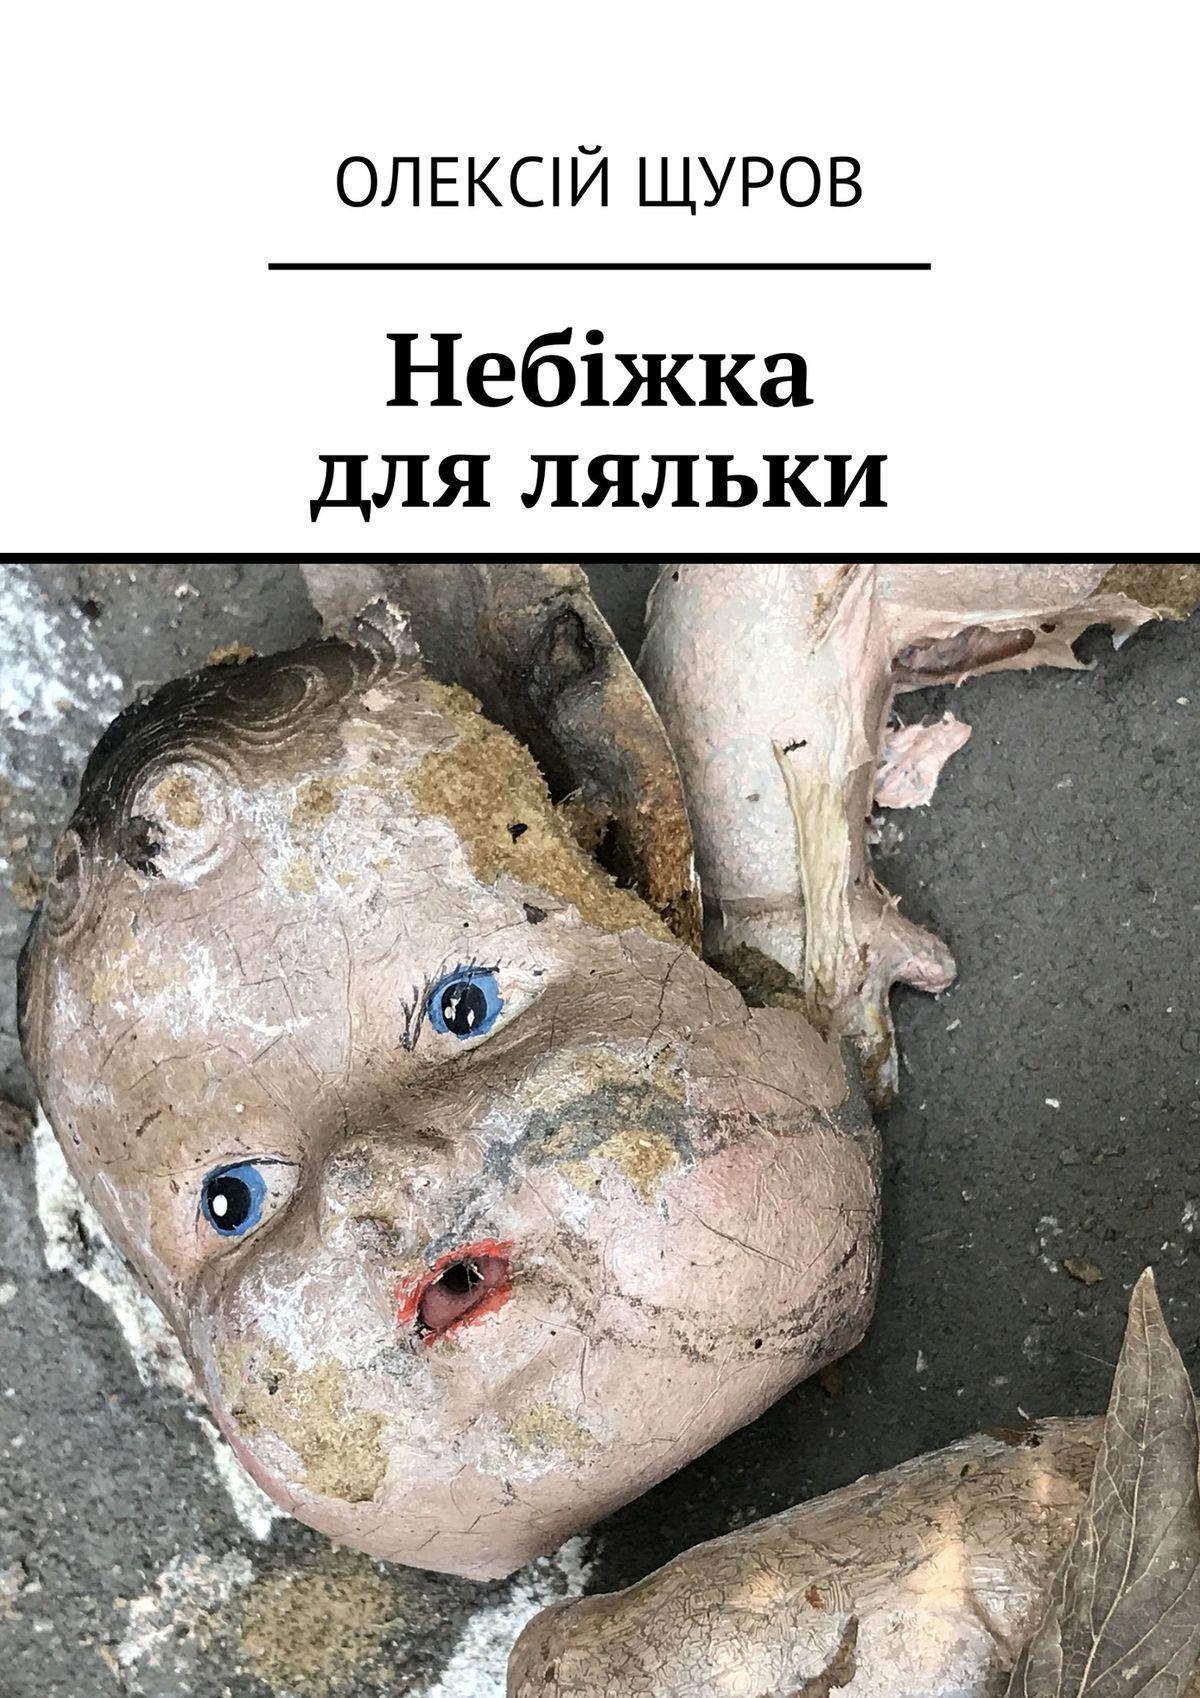 Олексй Щуров бесплатно